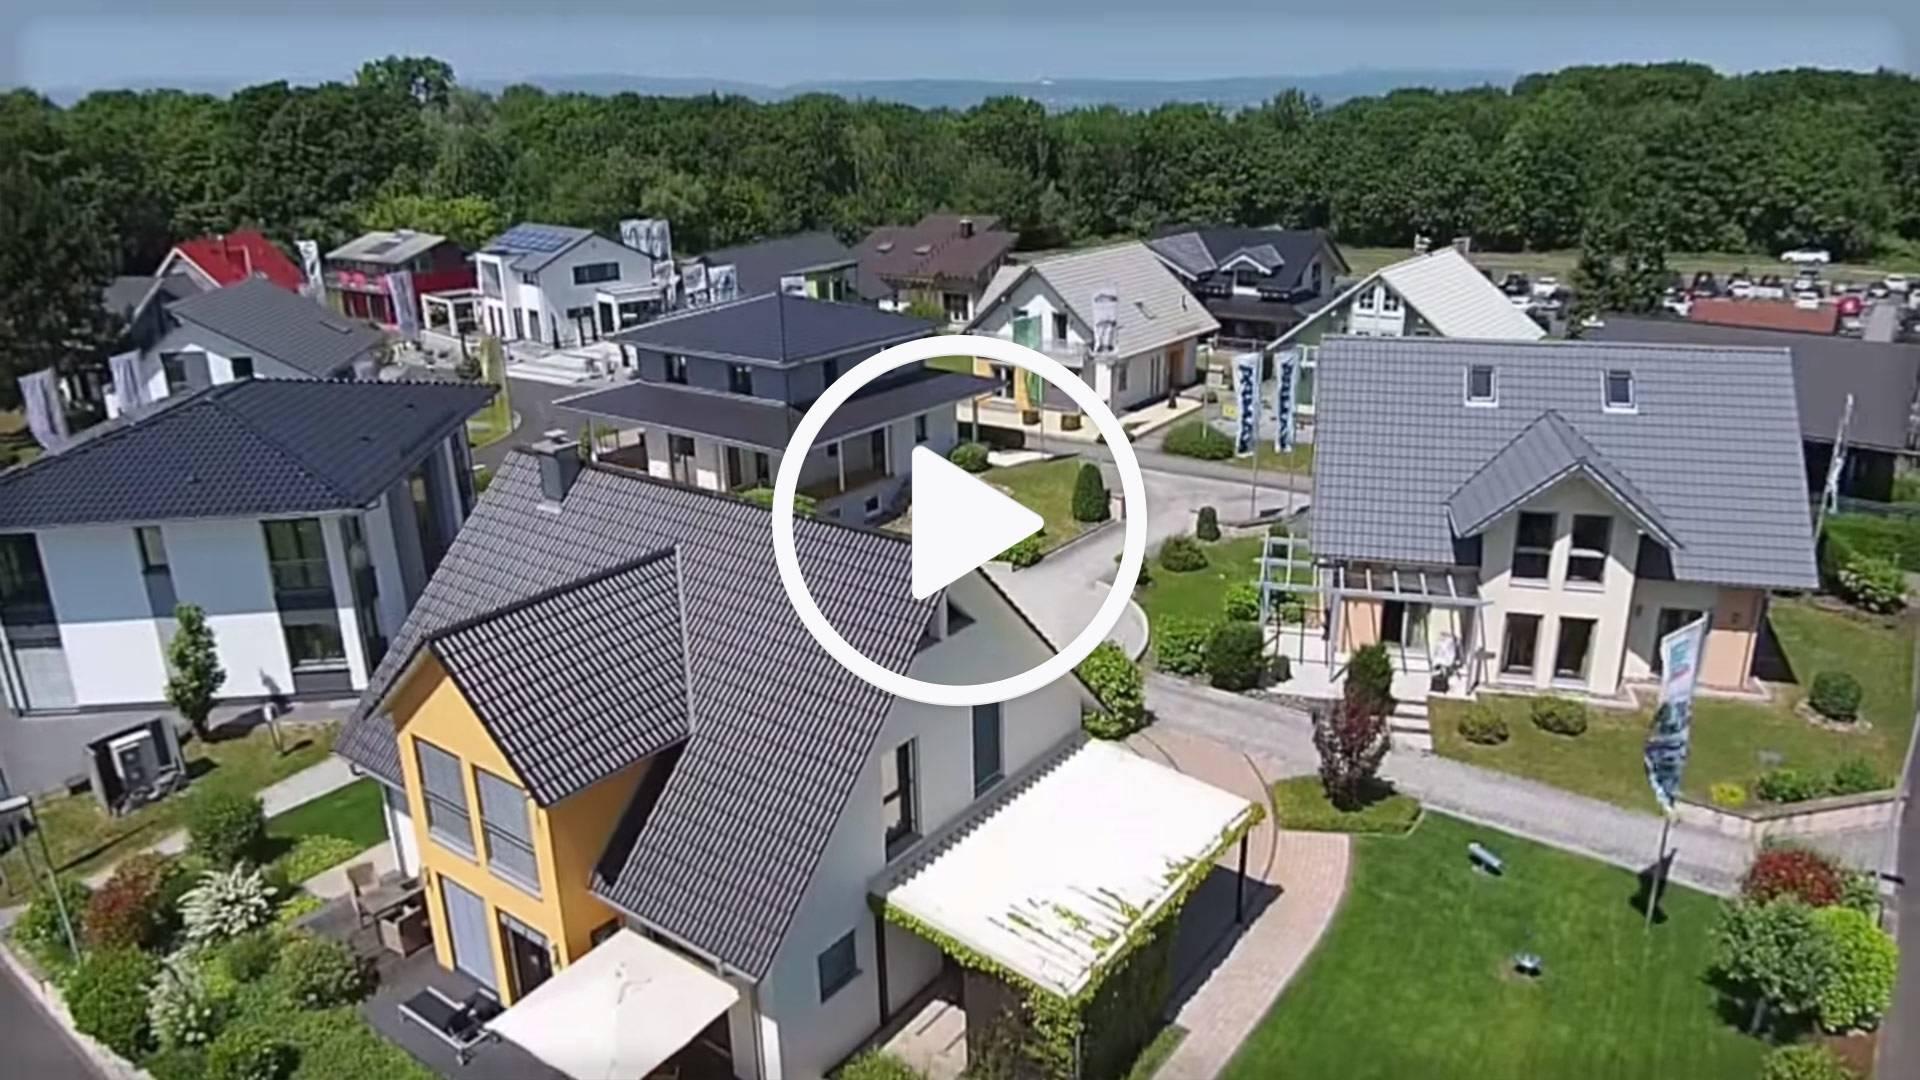 Musterhausausstellung Bad Vilbel | Die schönsten Einrichtungsideen